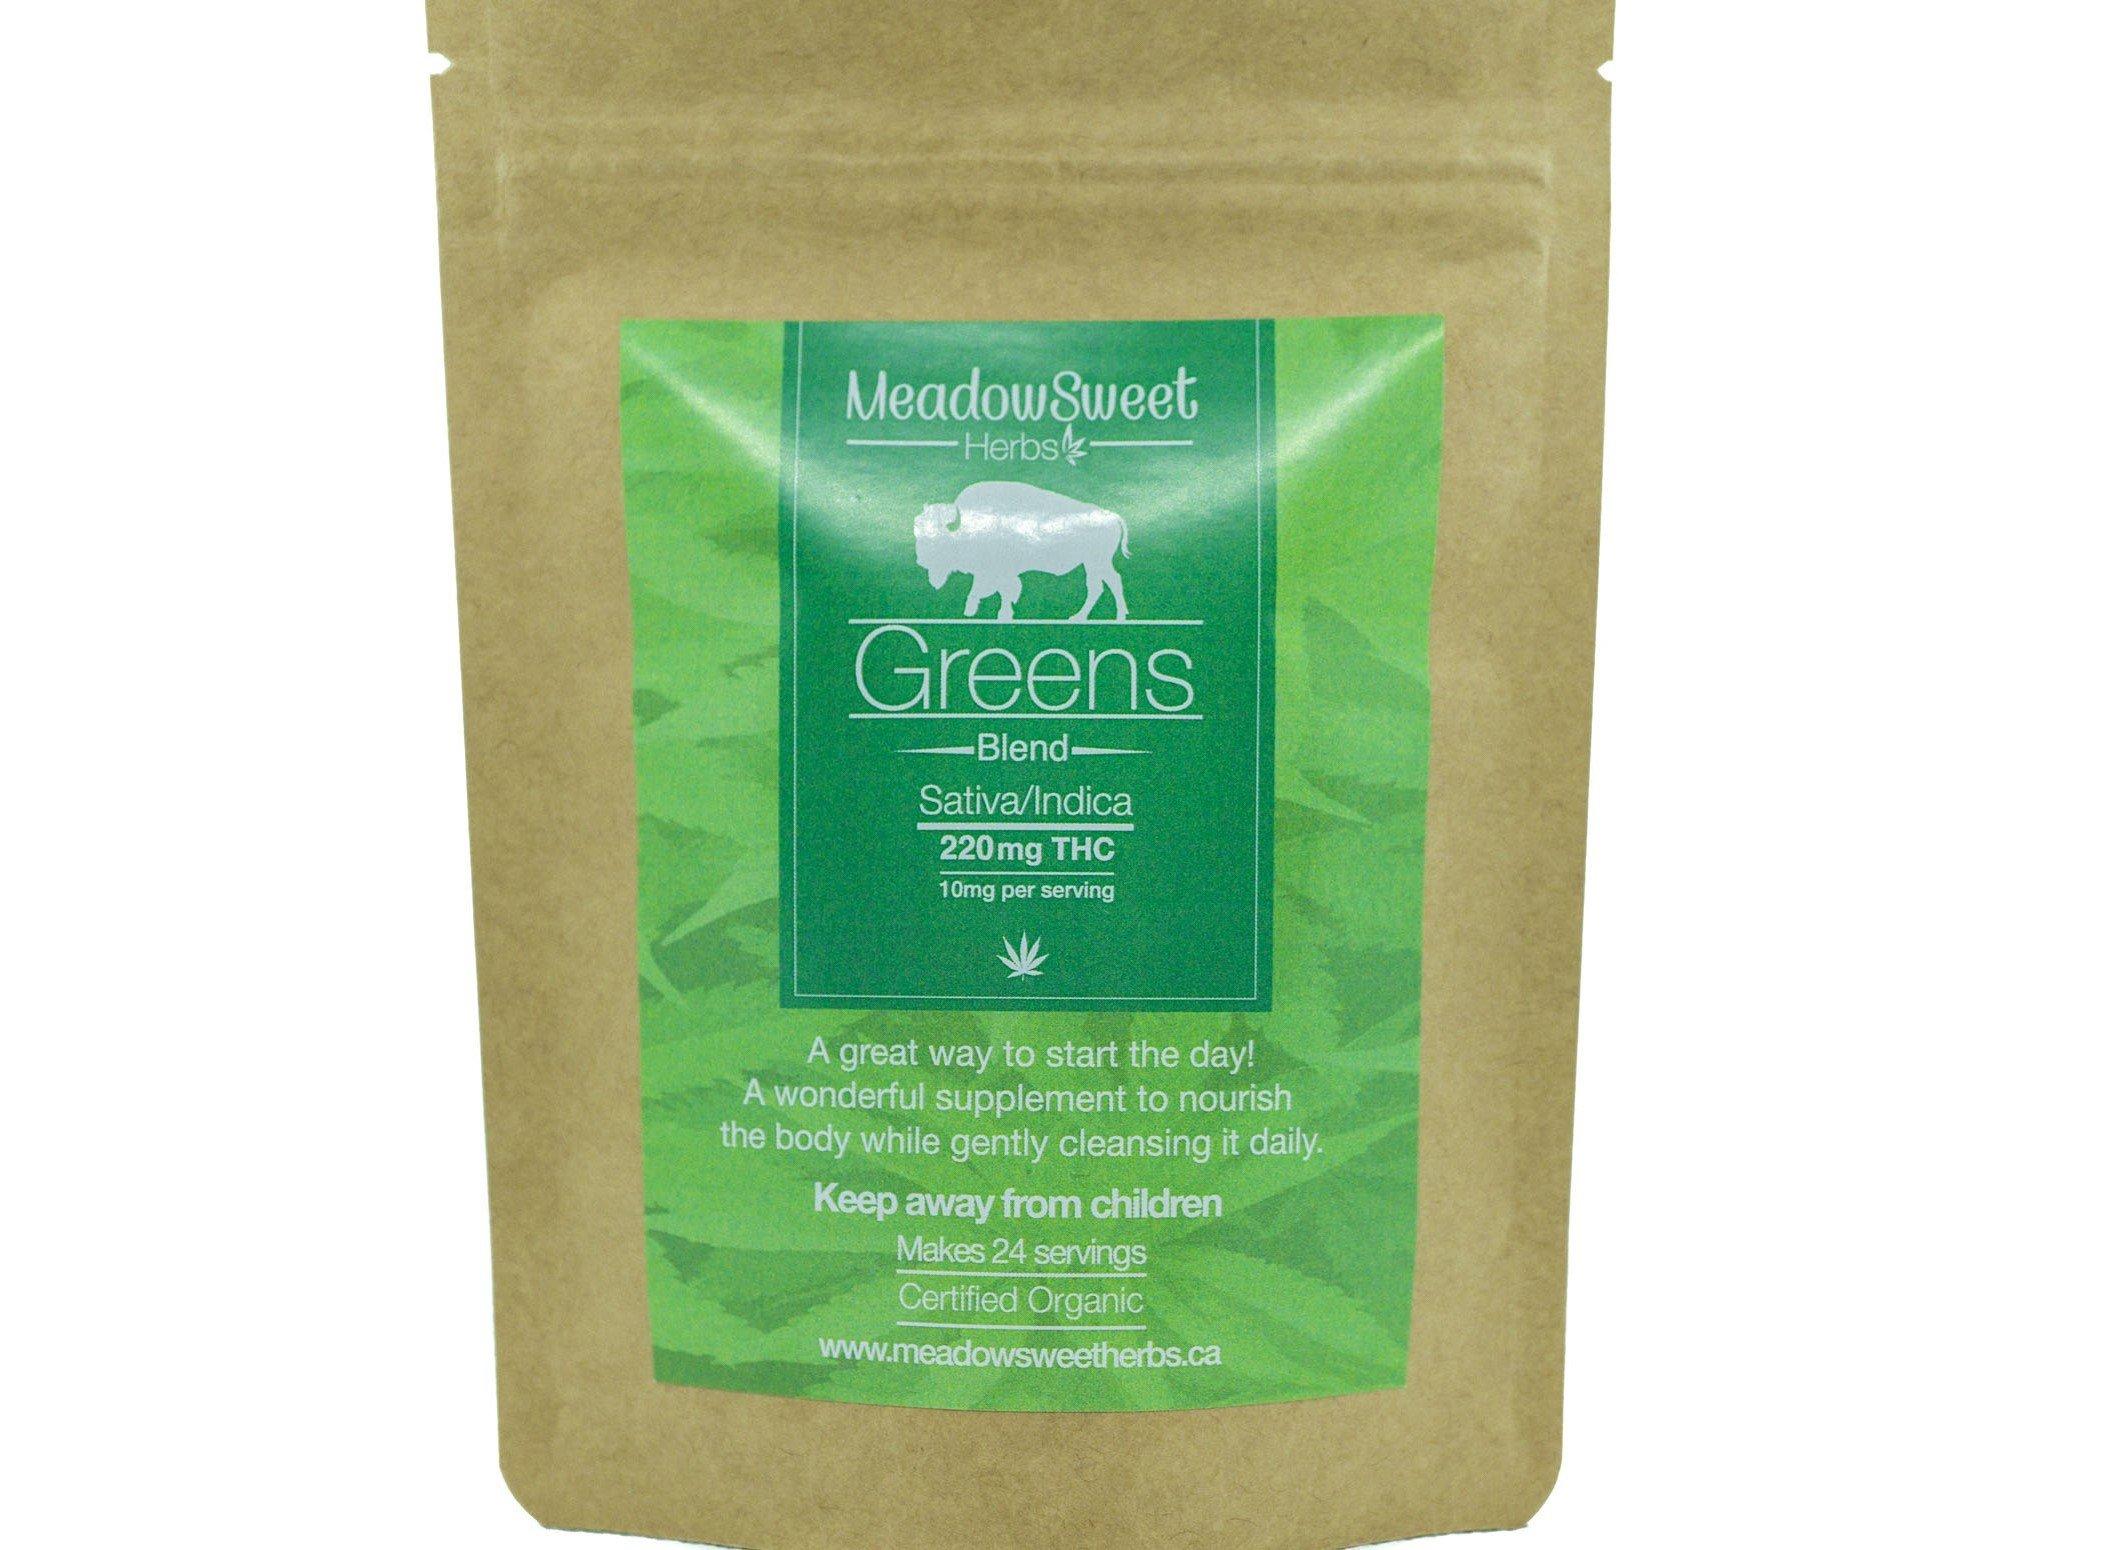 Greens Blend Supplement by MeadowSweet Herbs (220mg THC) 01147